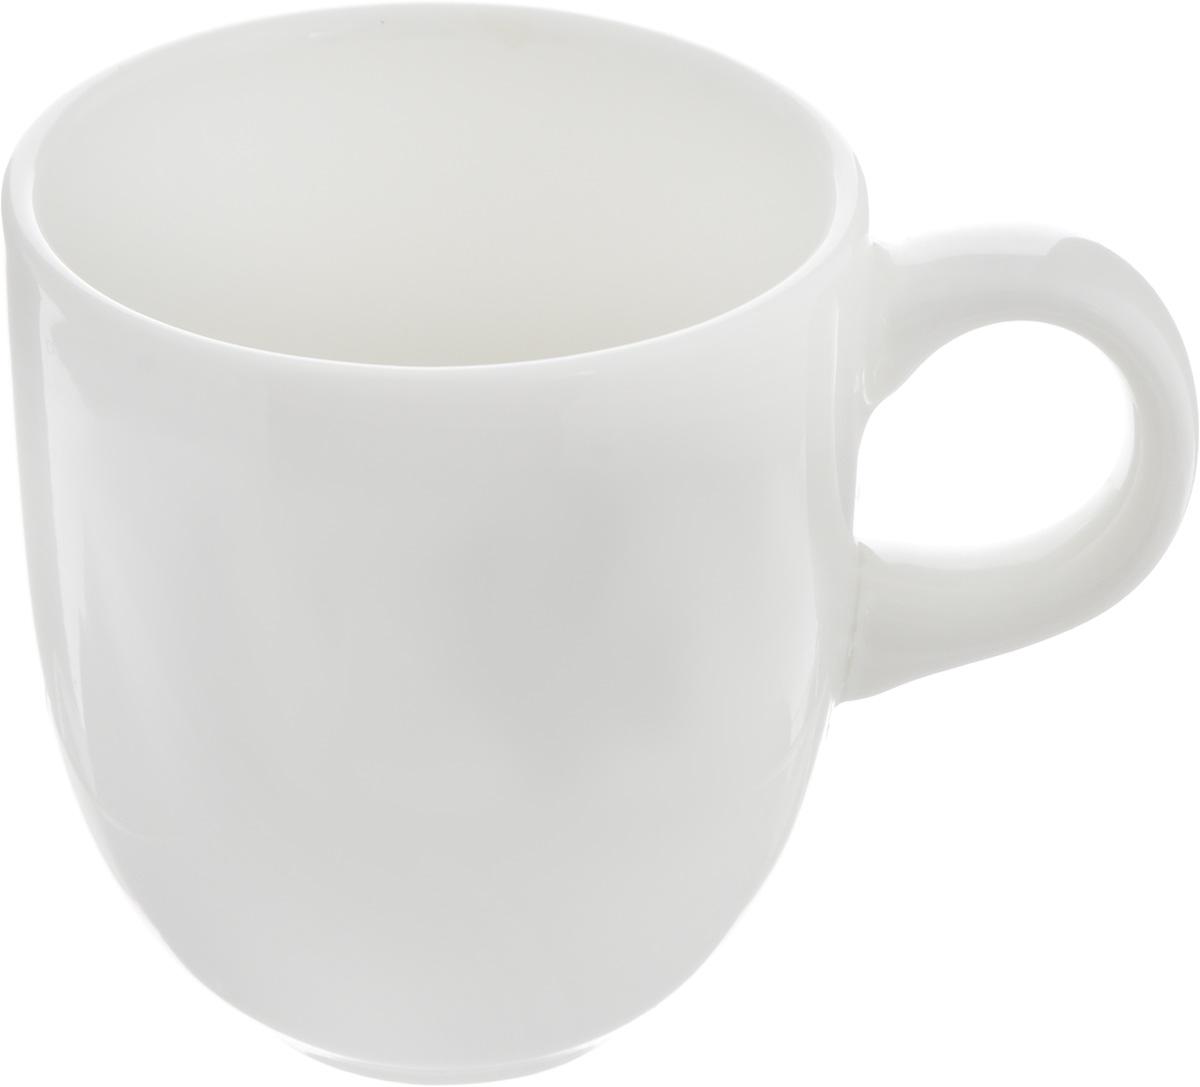 Чашка кофейная Ariane Коуп, 90 мл115510Кофейная чашка Ariane Коуп изготовлена из высококачественного фарфора с глазурованным покрытием. Приятный глазу дизайн и отменное качество чашки будут долго радовать вас.Чашка Ariane Коуп украсит сервировку вашего стола и подчеркнет прекрасный вкус хозяина.Можно мыть в посудомоечной машине и использовать в микроволновой печи.Диаметр чашки (по верхнему краю): 5,5 см.Высота соусника: 6,5 см.